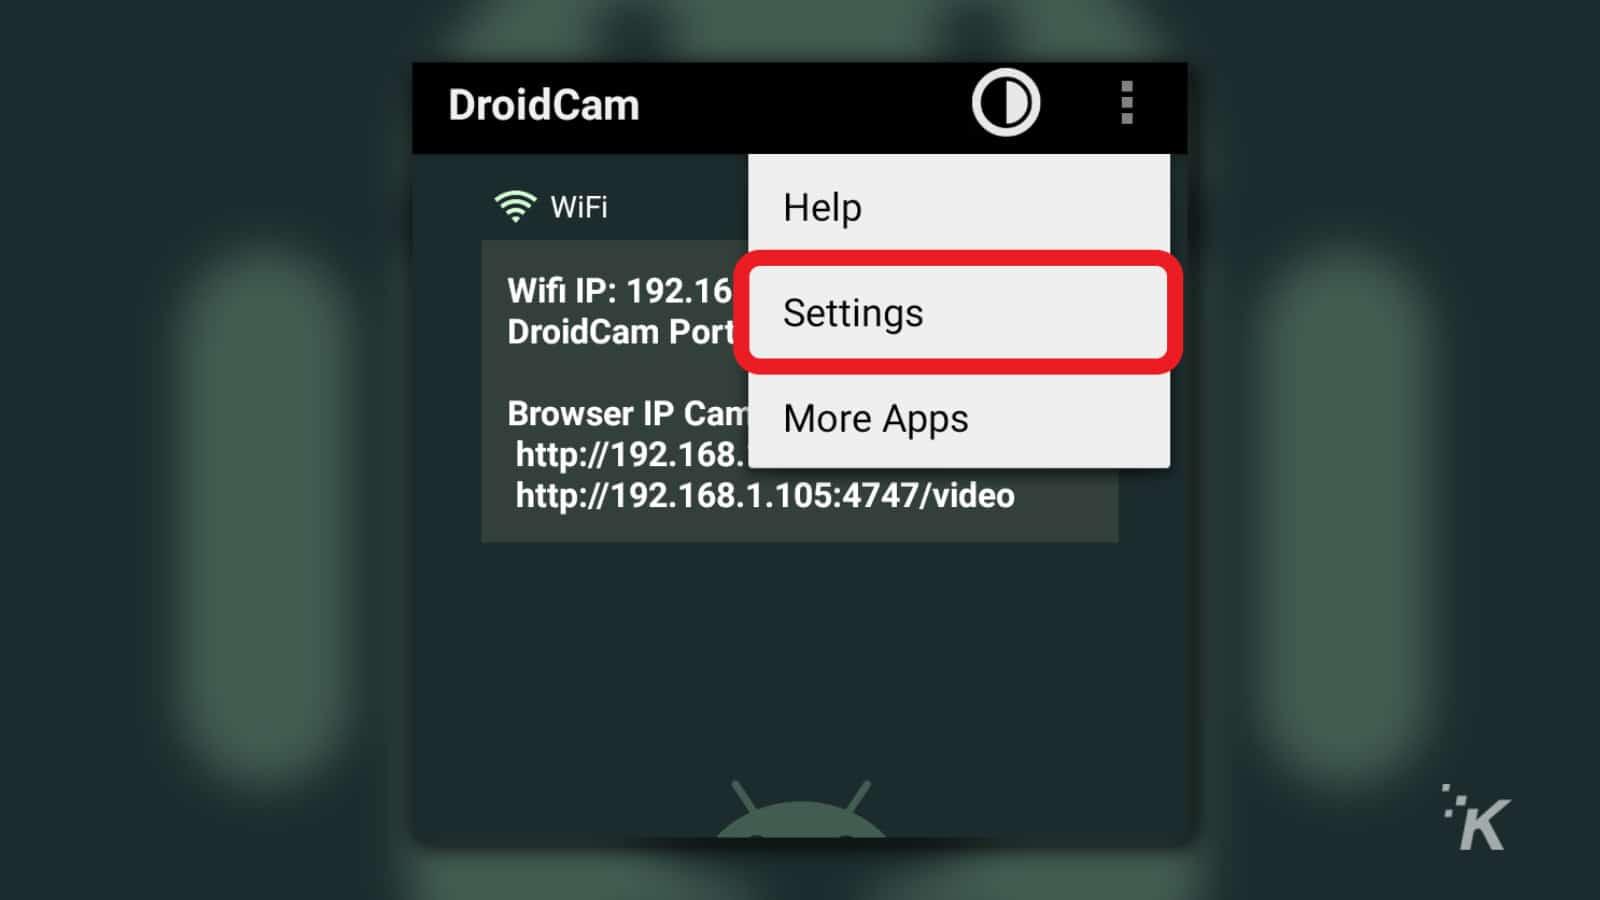 droidcam webcam app